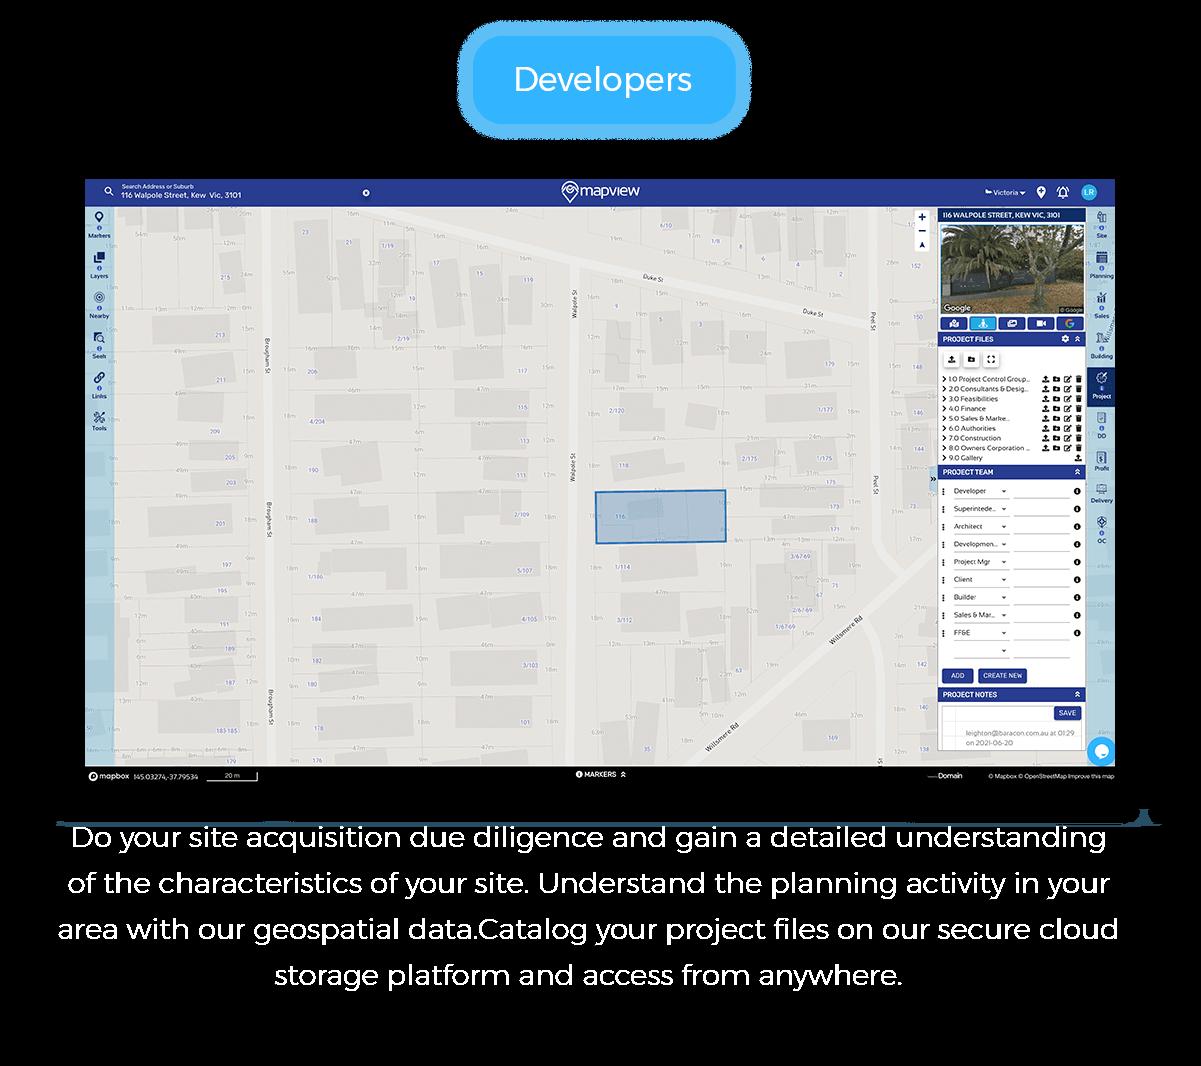 Developer 280621